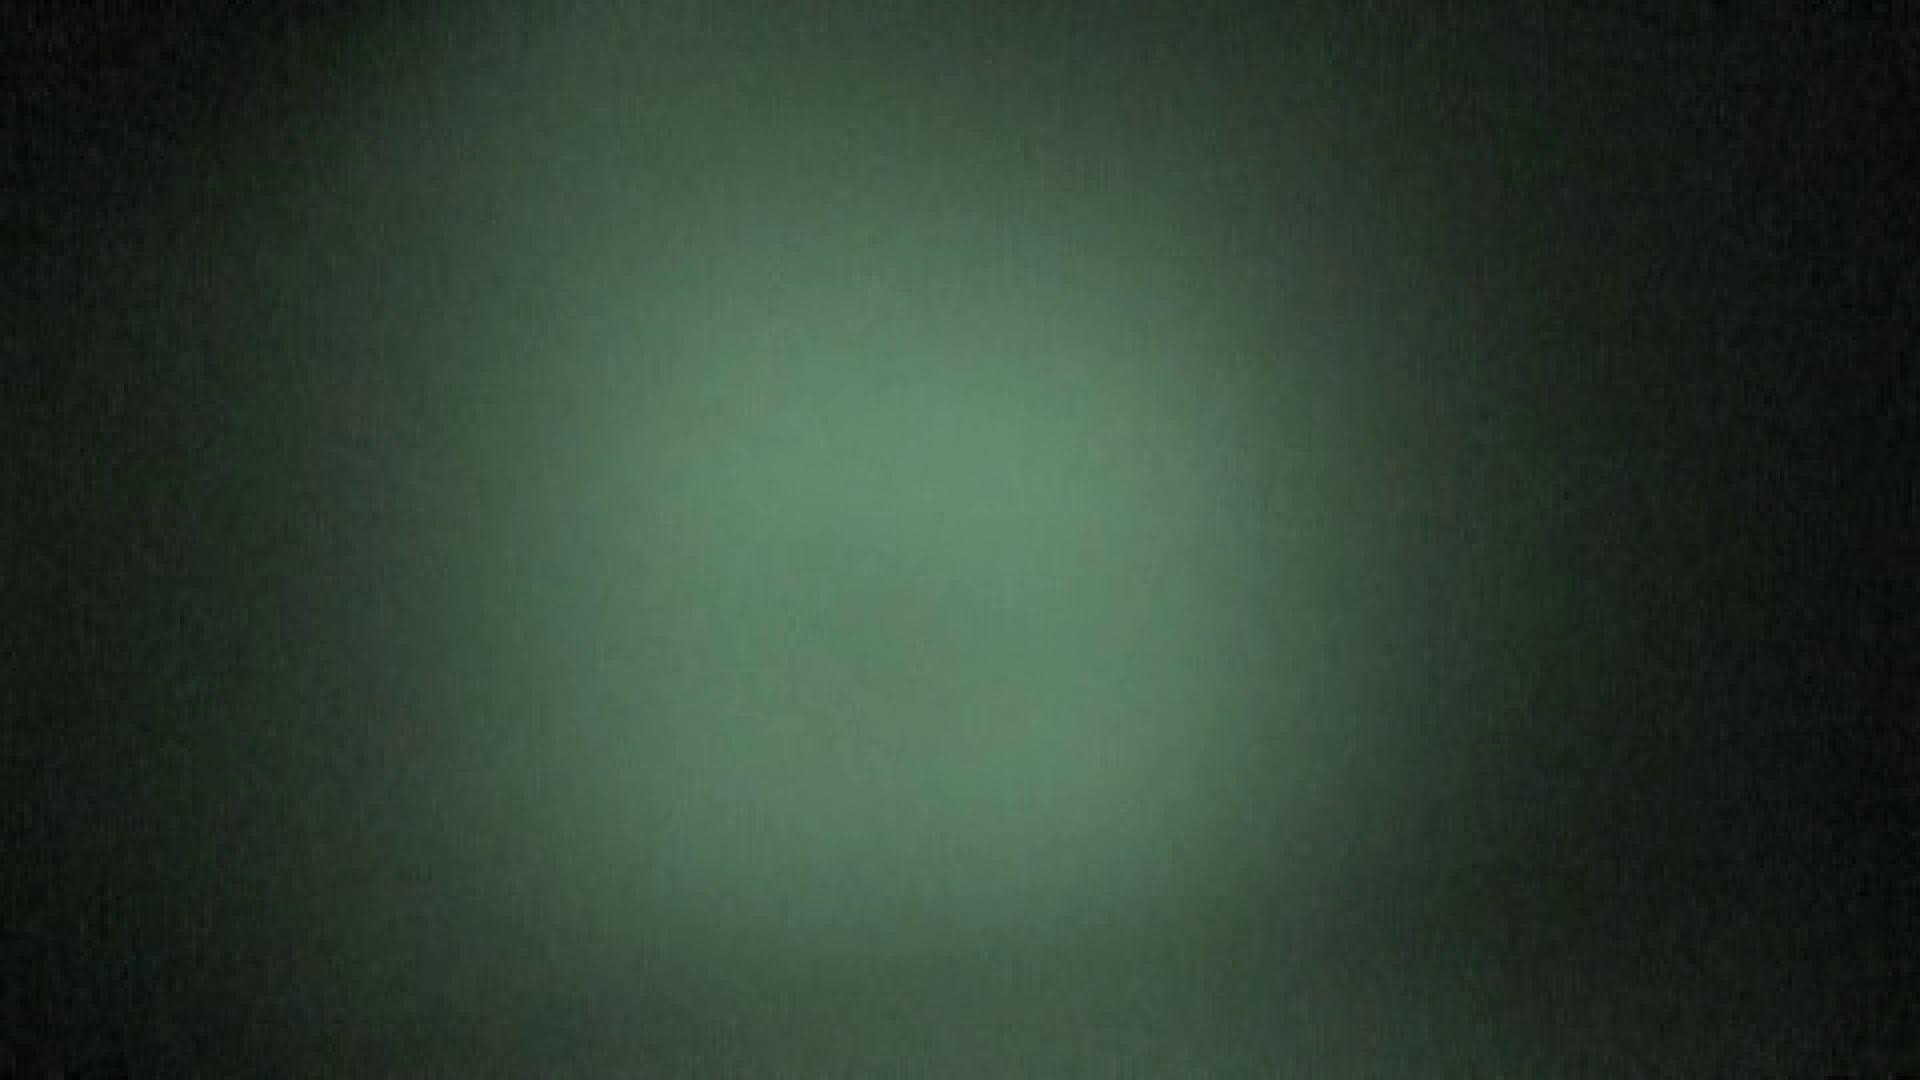 独占配信! ●罪証拠DVD 起きません! vol.10 人気シリーズ 覗きぱこり動画紹介 103画像 33